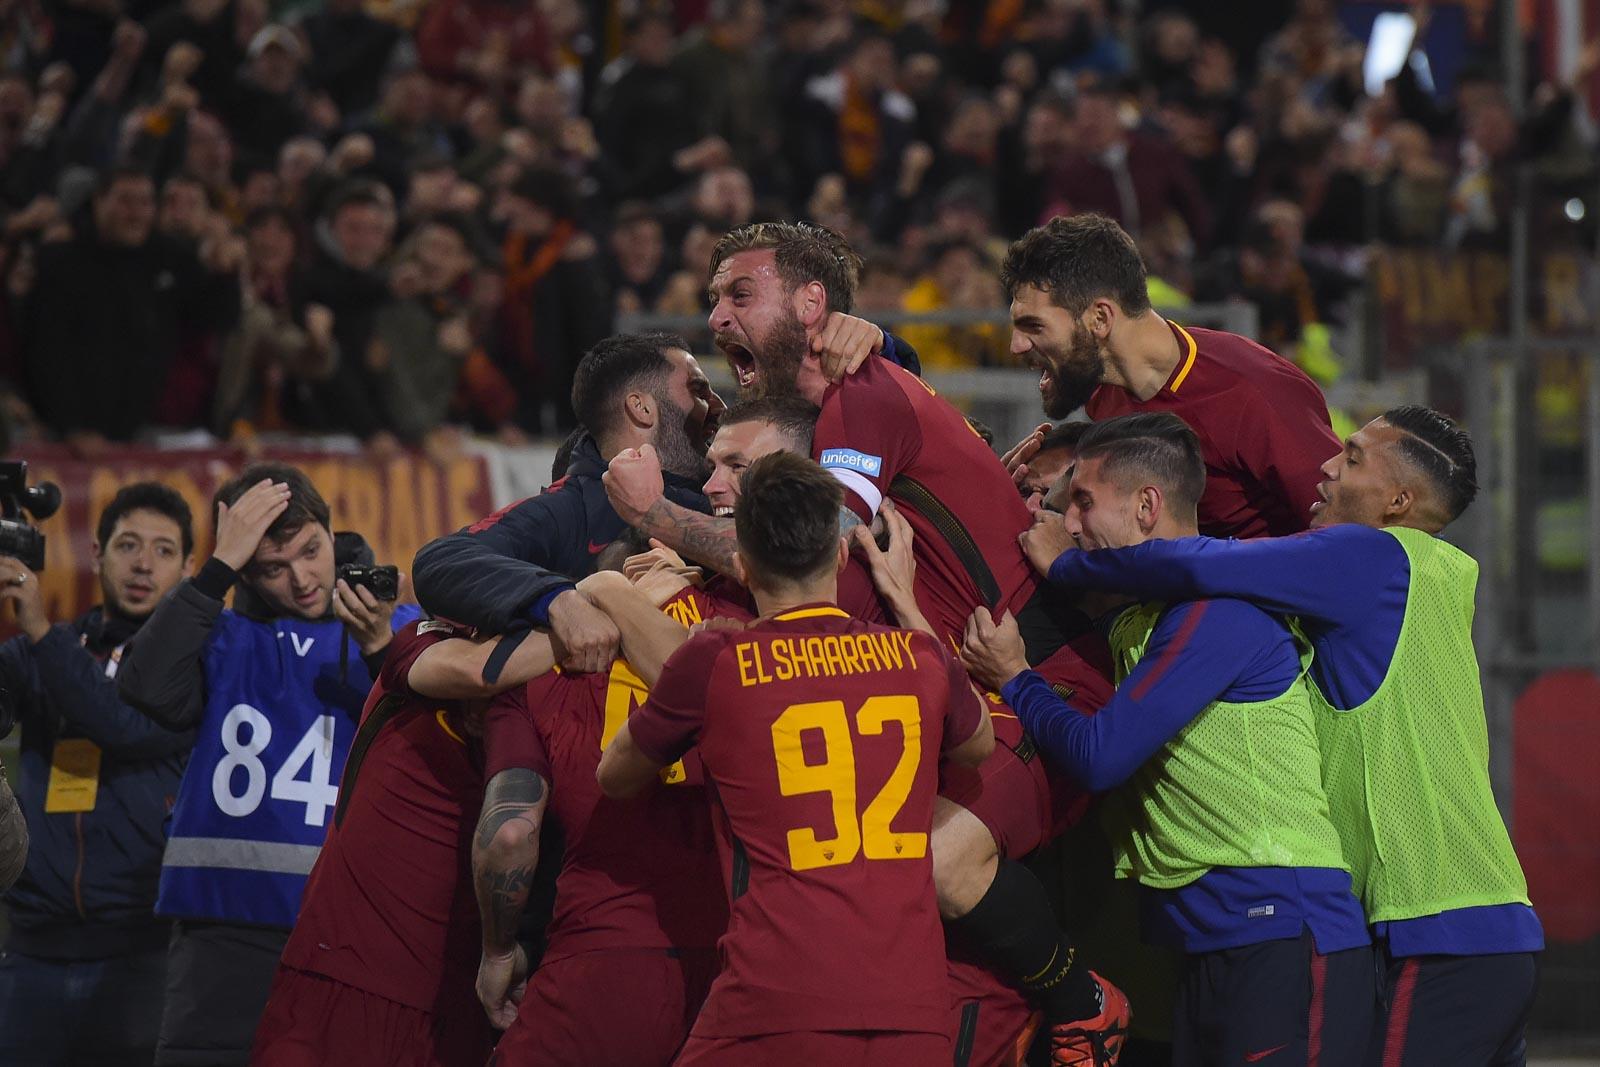 Il Derby è giallorosso: Roma-Lazio 2-1.